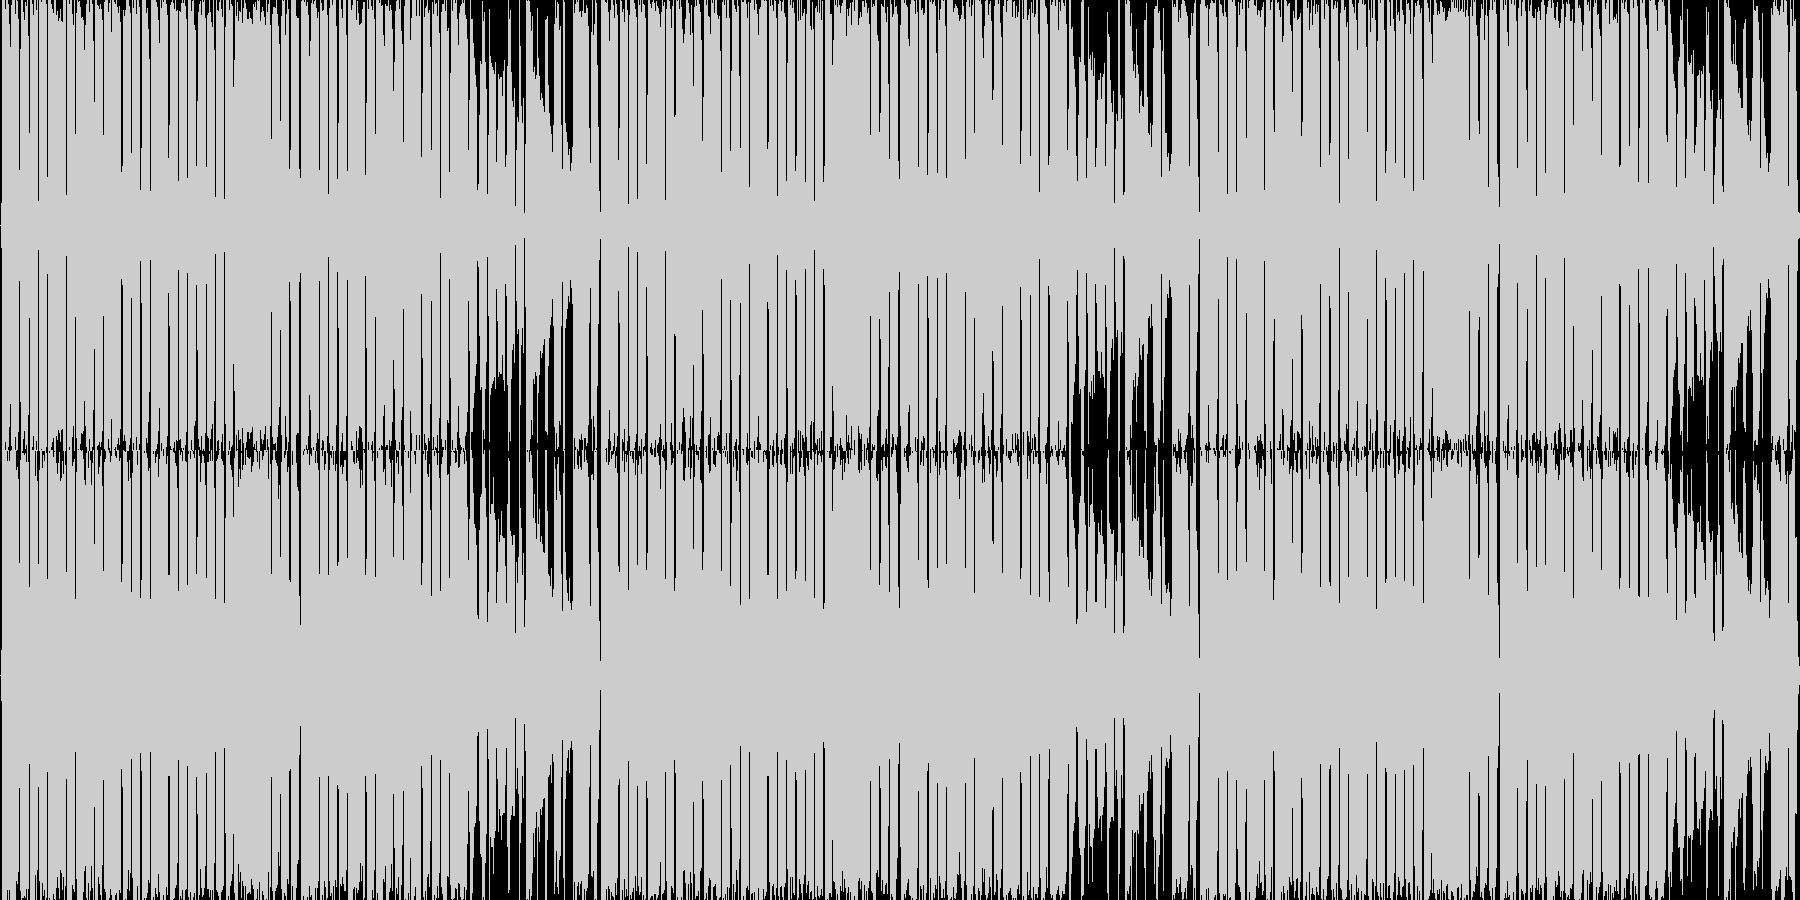 【ダンス/アップテンポ/トランス】の未再生の波形